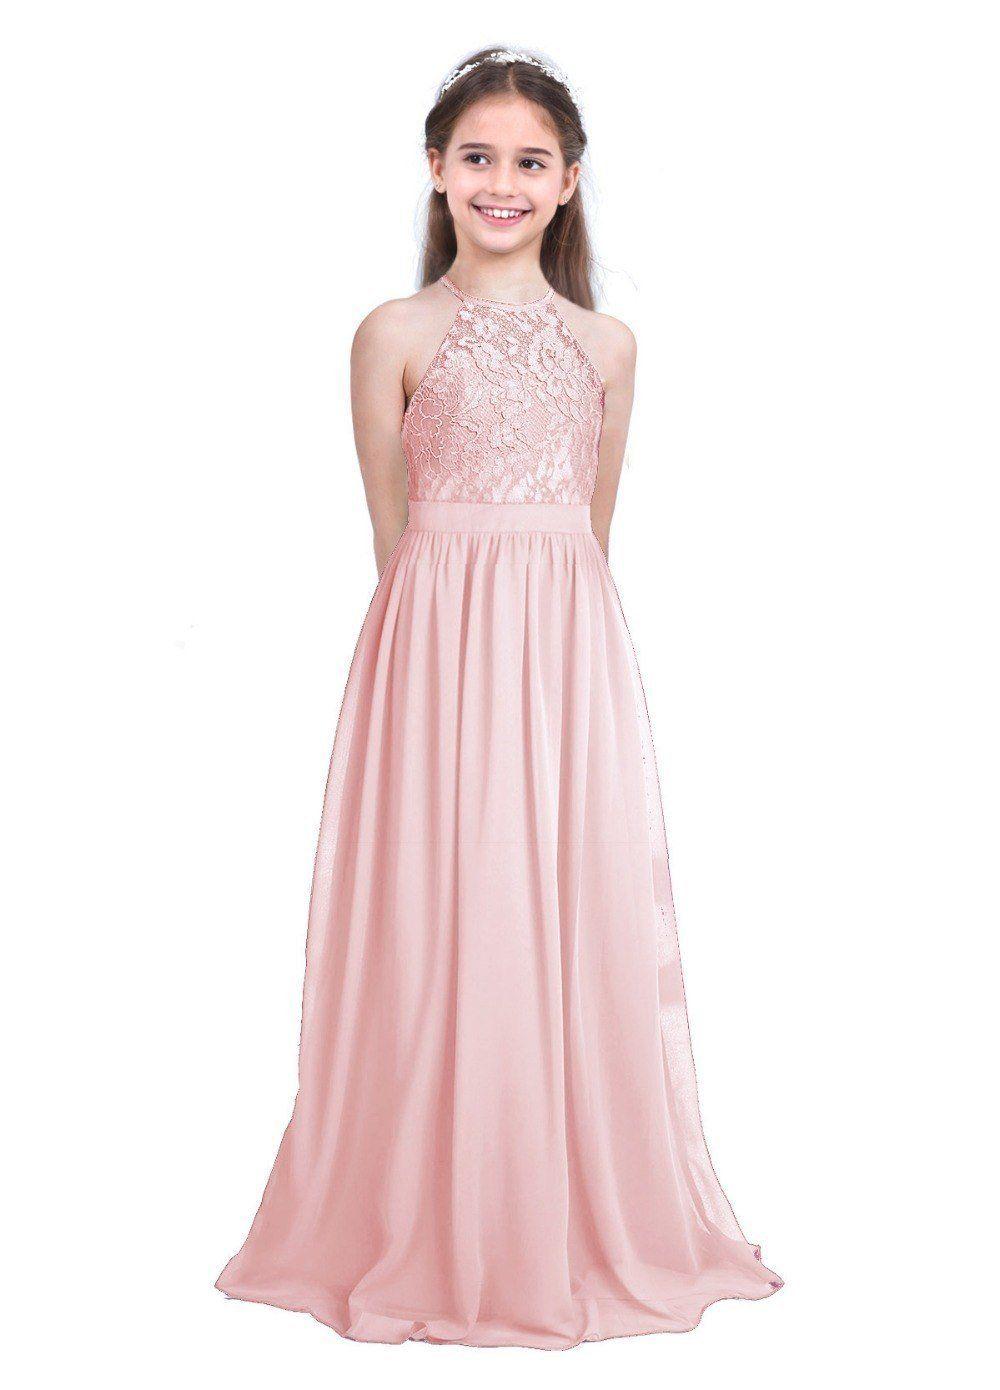 Girls Pink Flower Girl Dress For 12 Year Olds Pink Flower Girl Dresses Wedding Dresses For Girls Chiffon Flower Girl Dress [ 1390 x 1000 Pixel ]